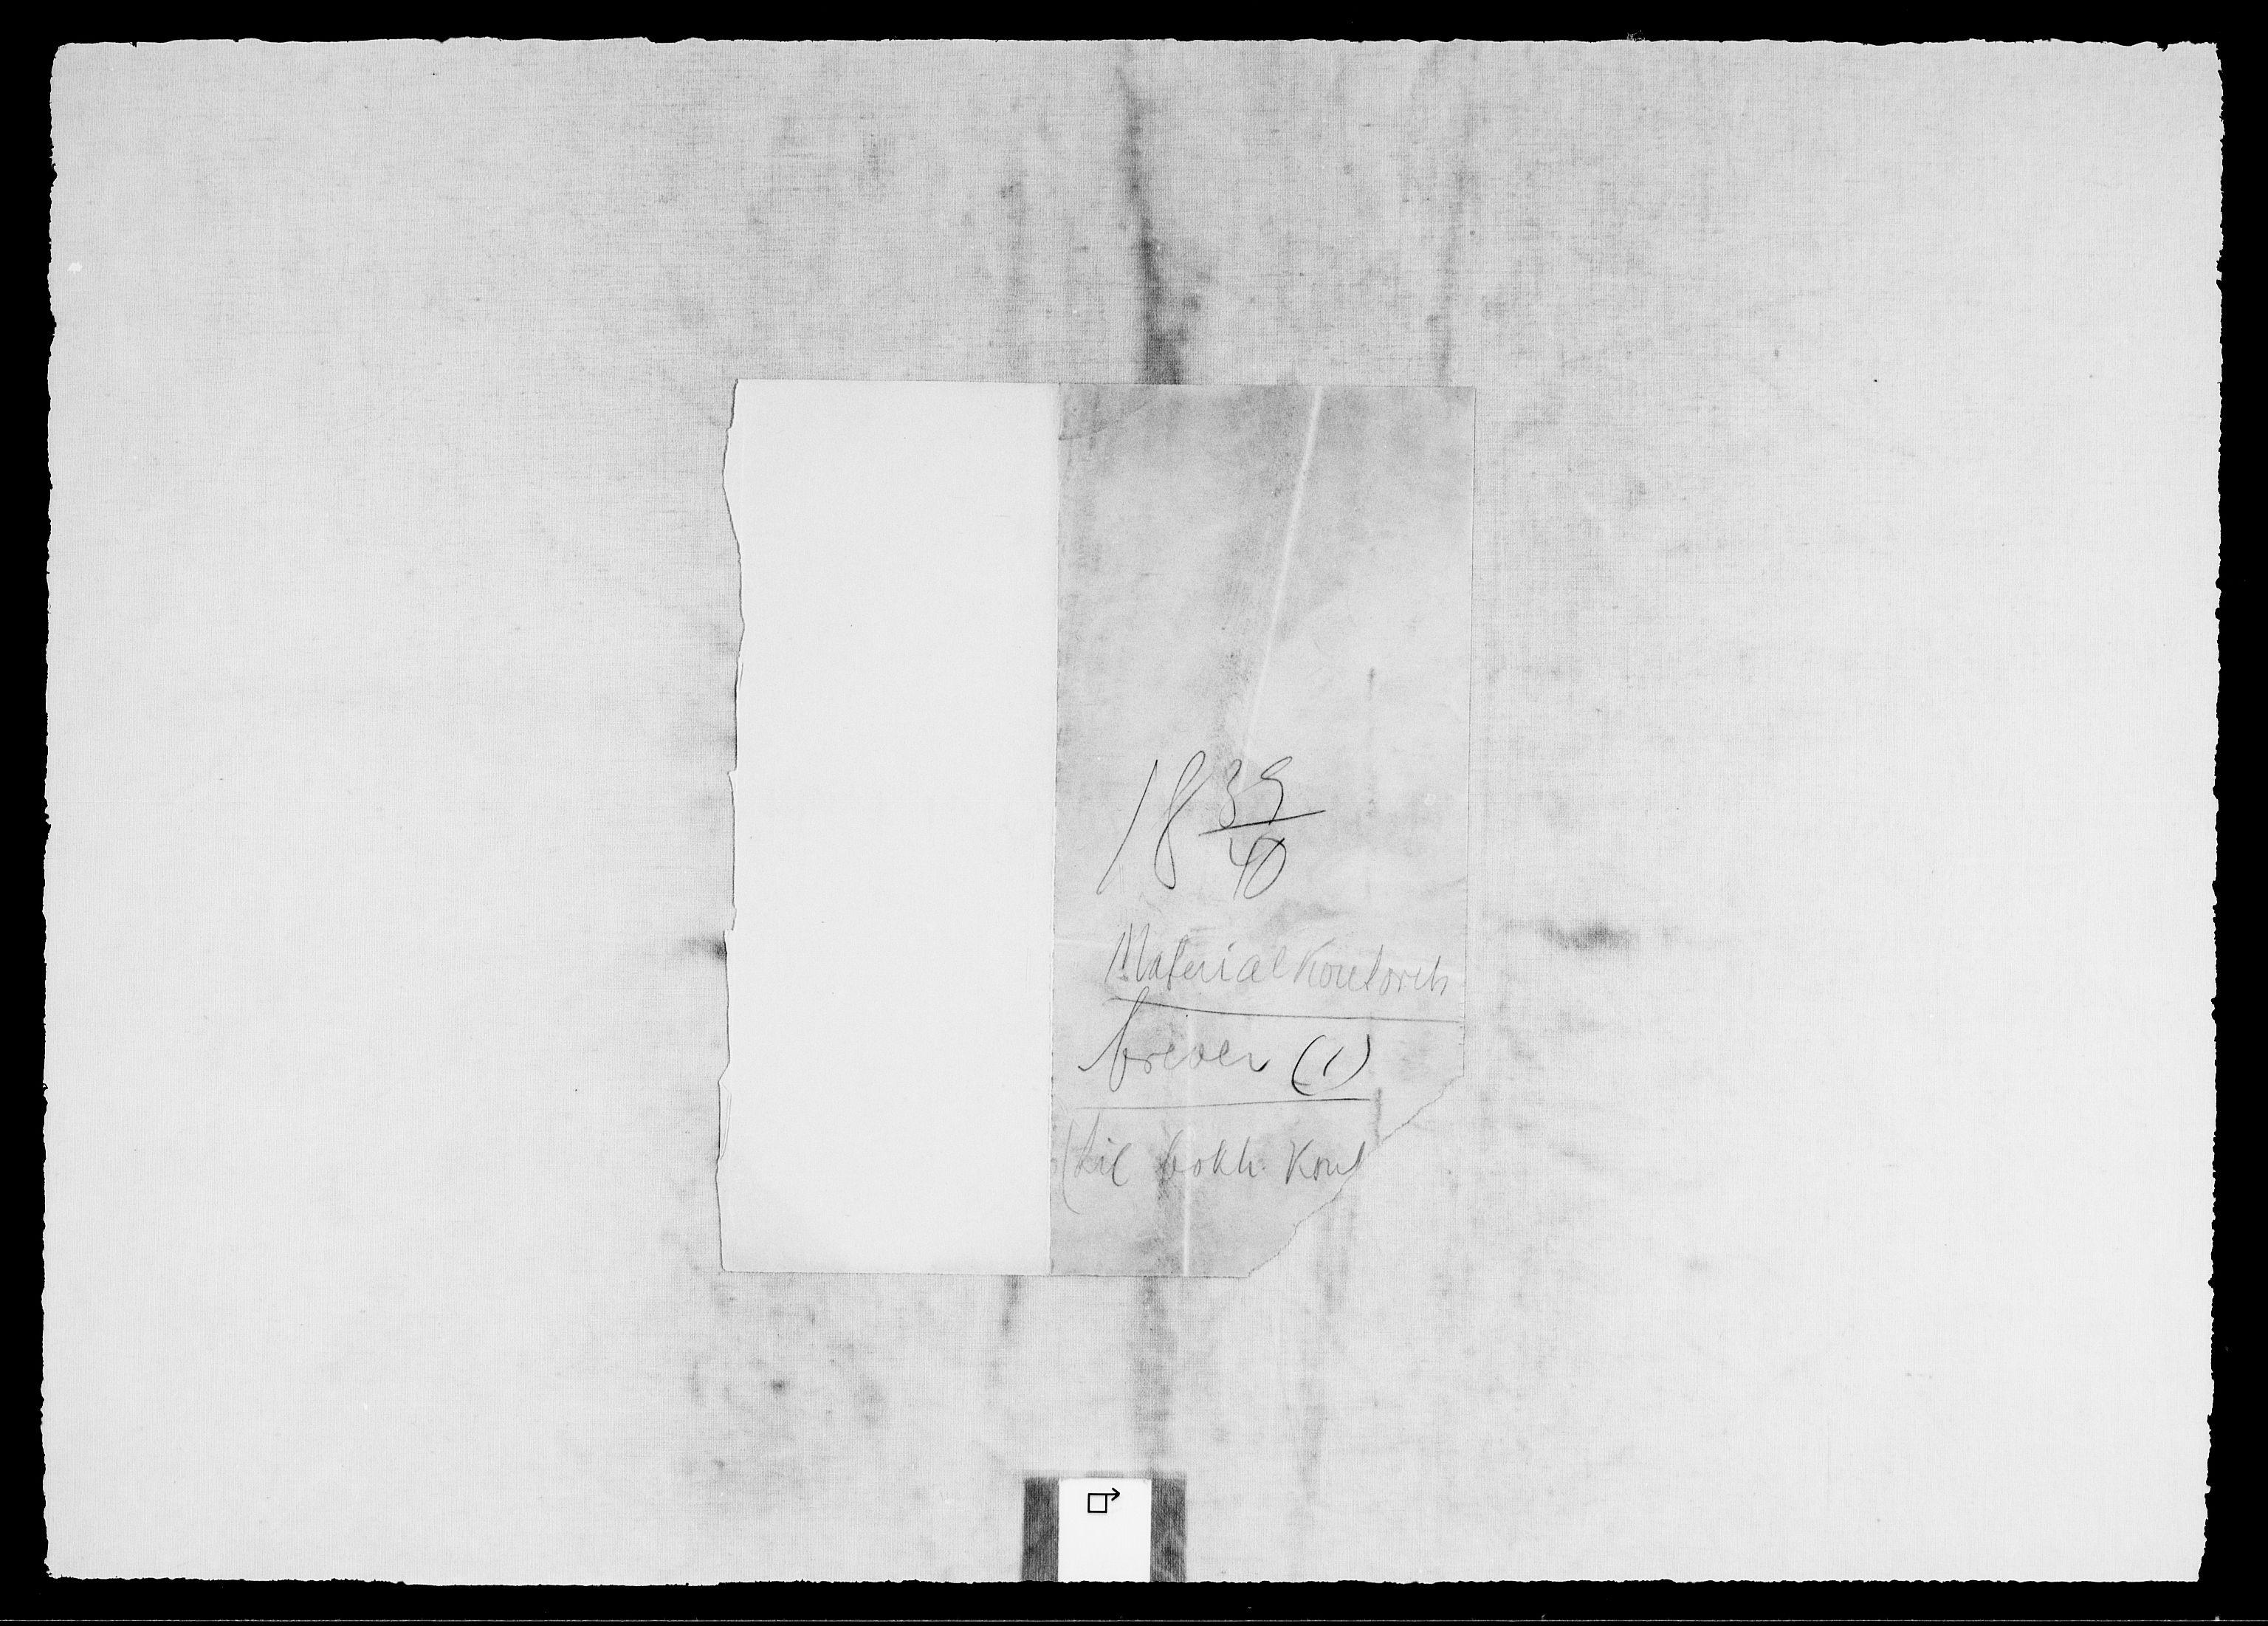 RA, Modums Blaafarveværk, G/Gb/L0142, 1839-1841, s. 2